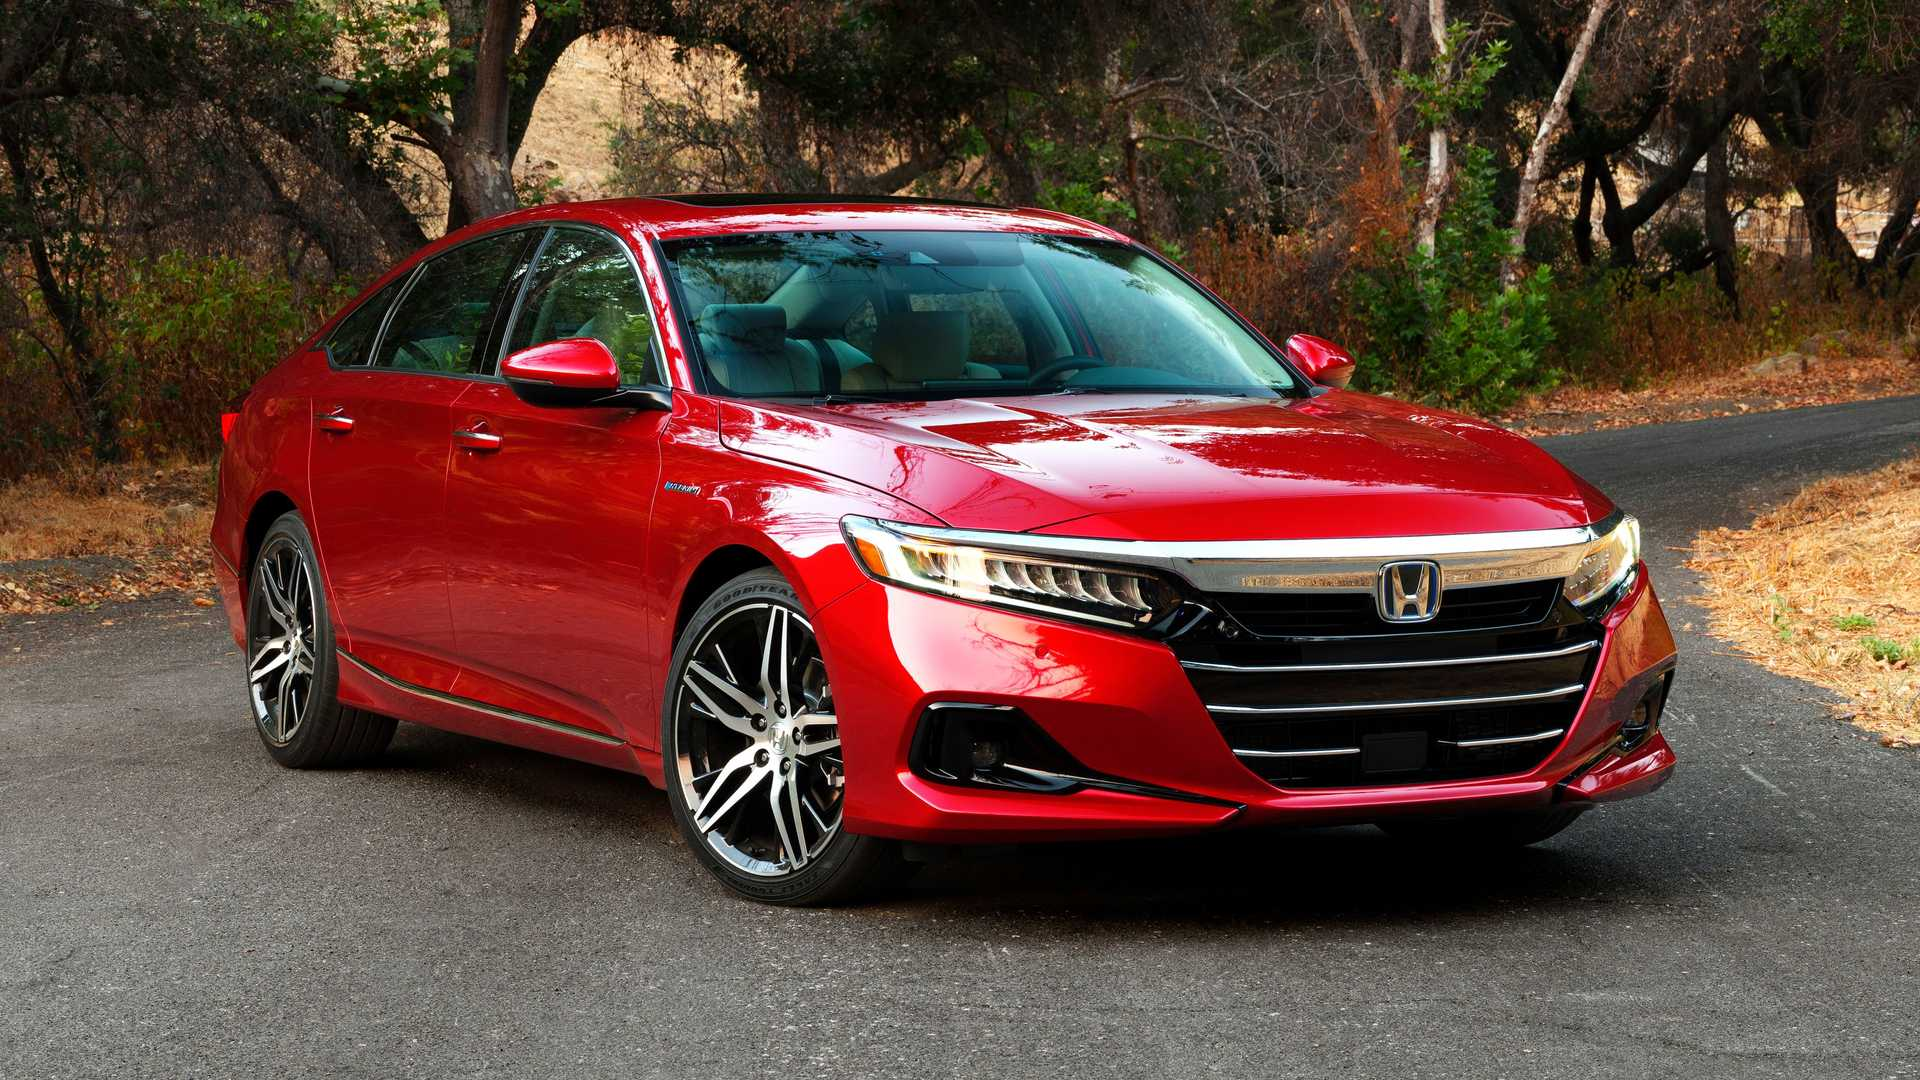 Honda пересмотрела Accord обновленный дизайн и добавили технологий